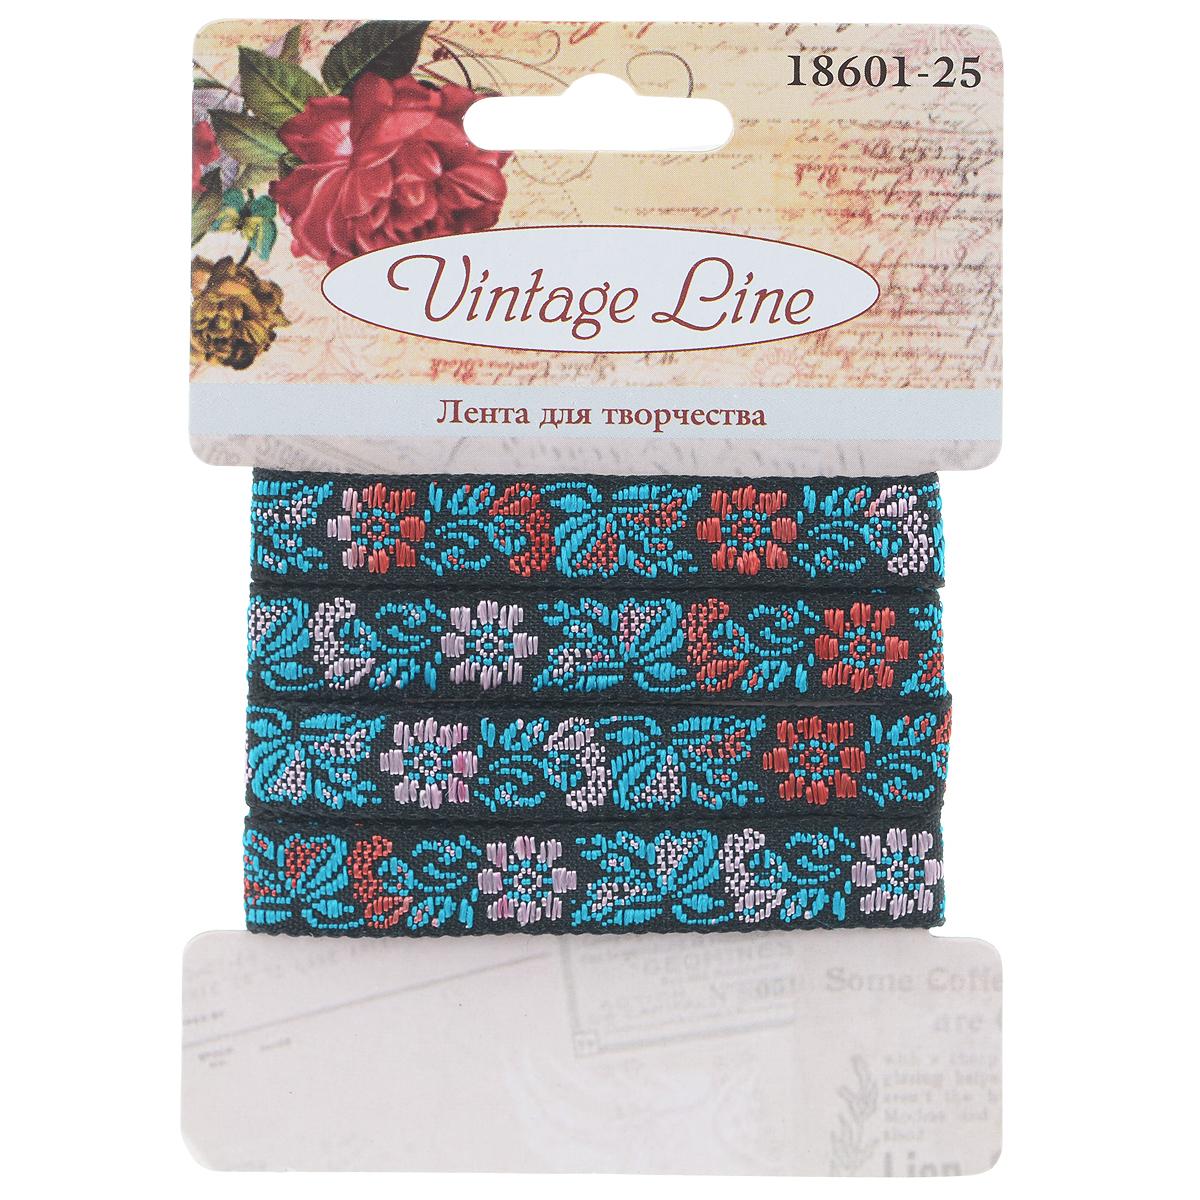 Лента декоративная Vintage Line, 1 х 100 см 7709673 floral halter vintage a line dress